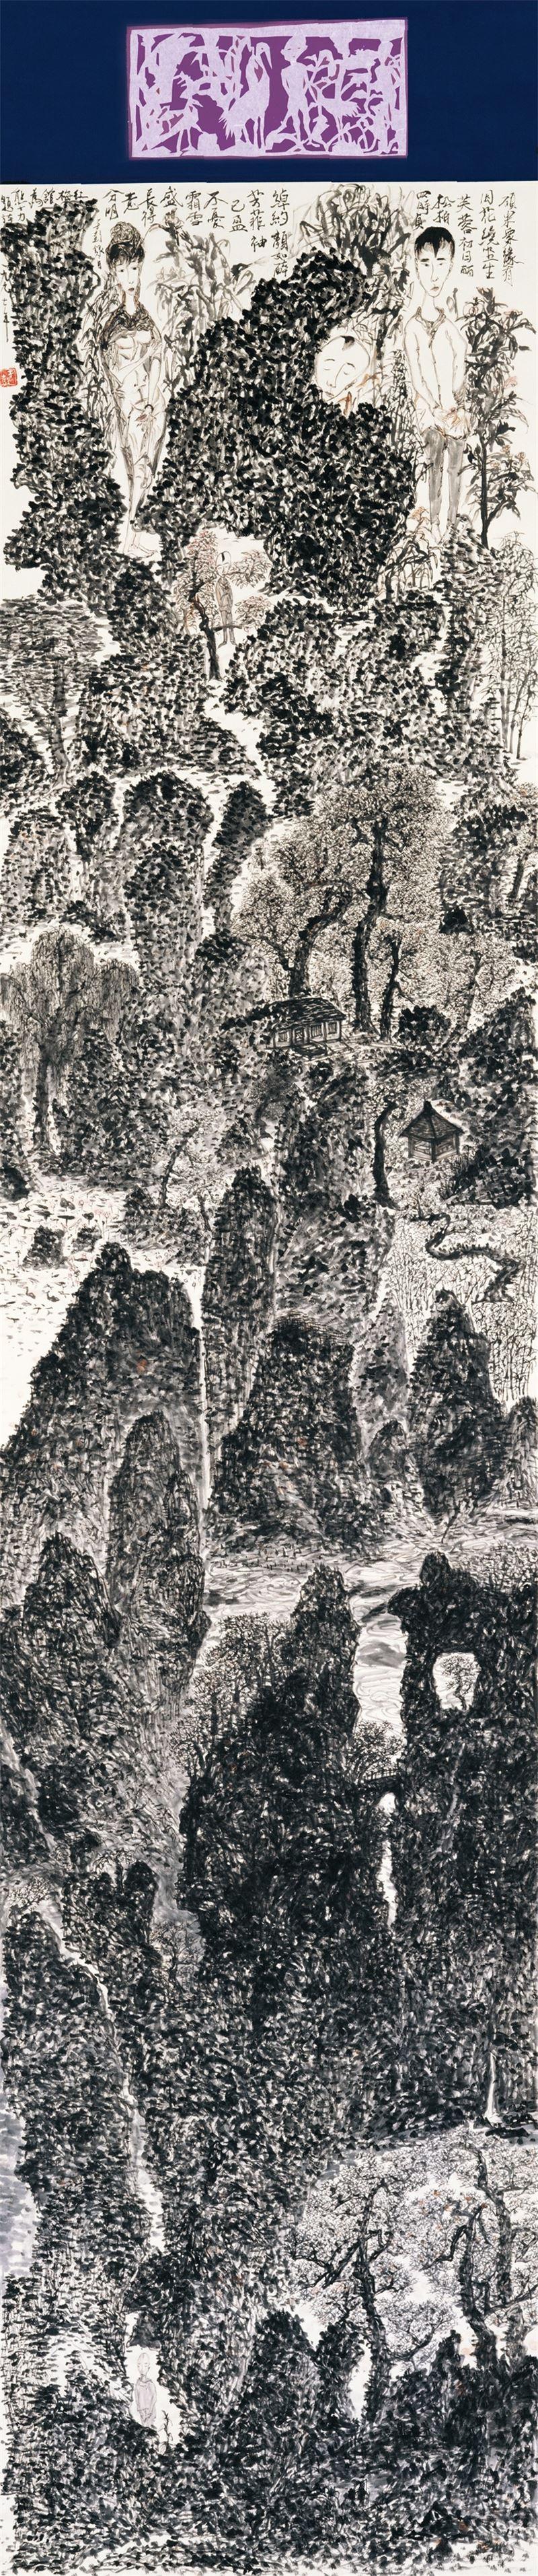 于彭〈碩果眾緣有因花繞坐生〉1997 彩墨、紙 247.5×52.5 cm